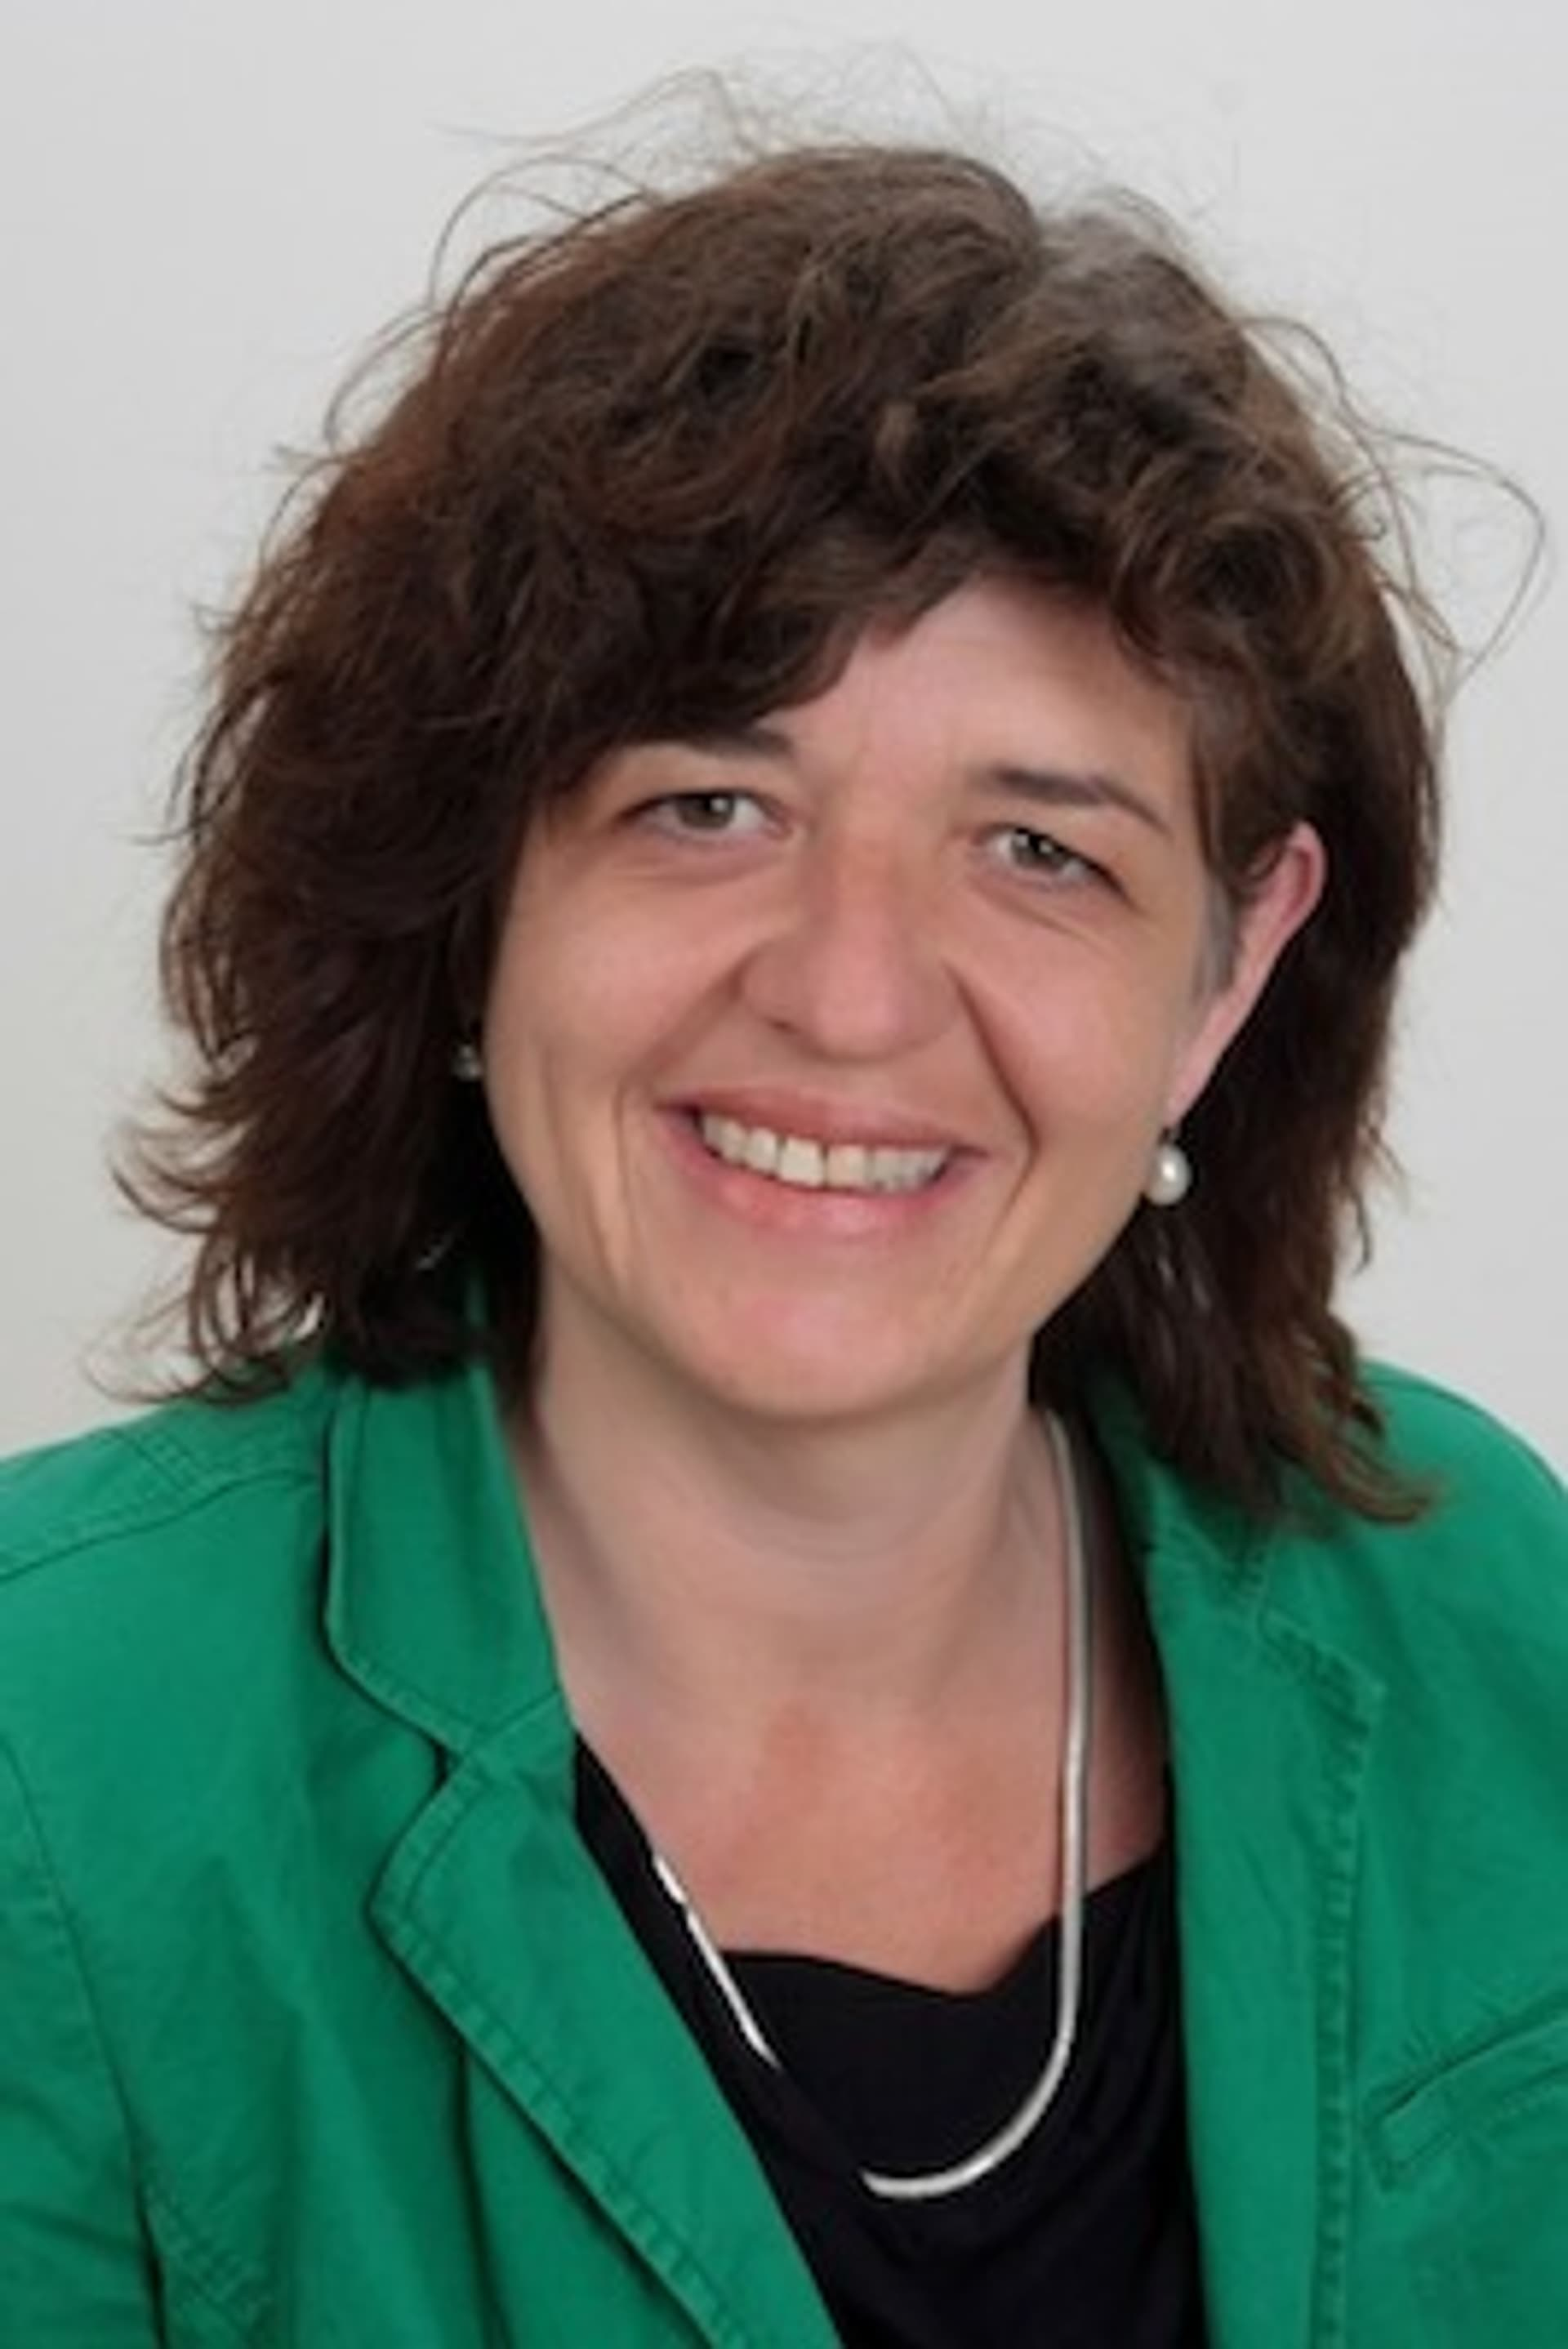 Karin Romeder